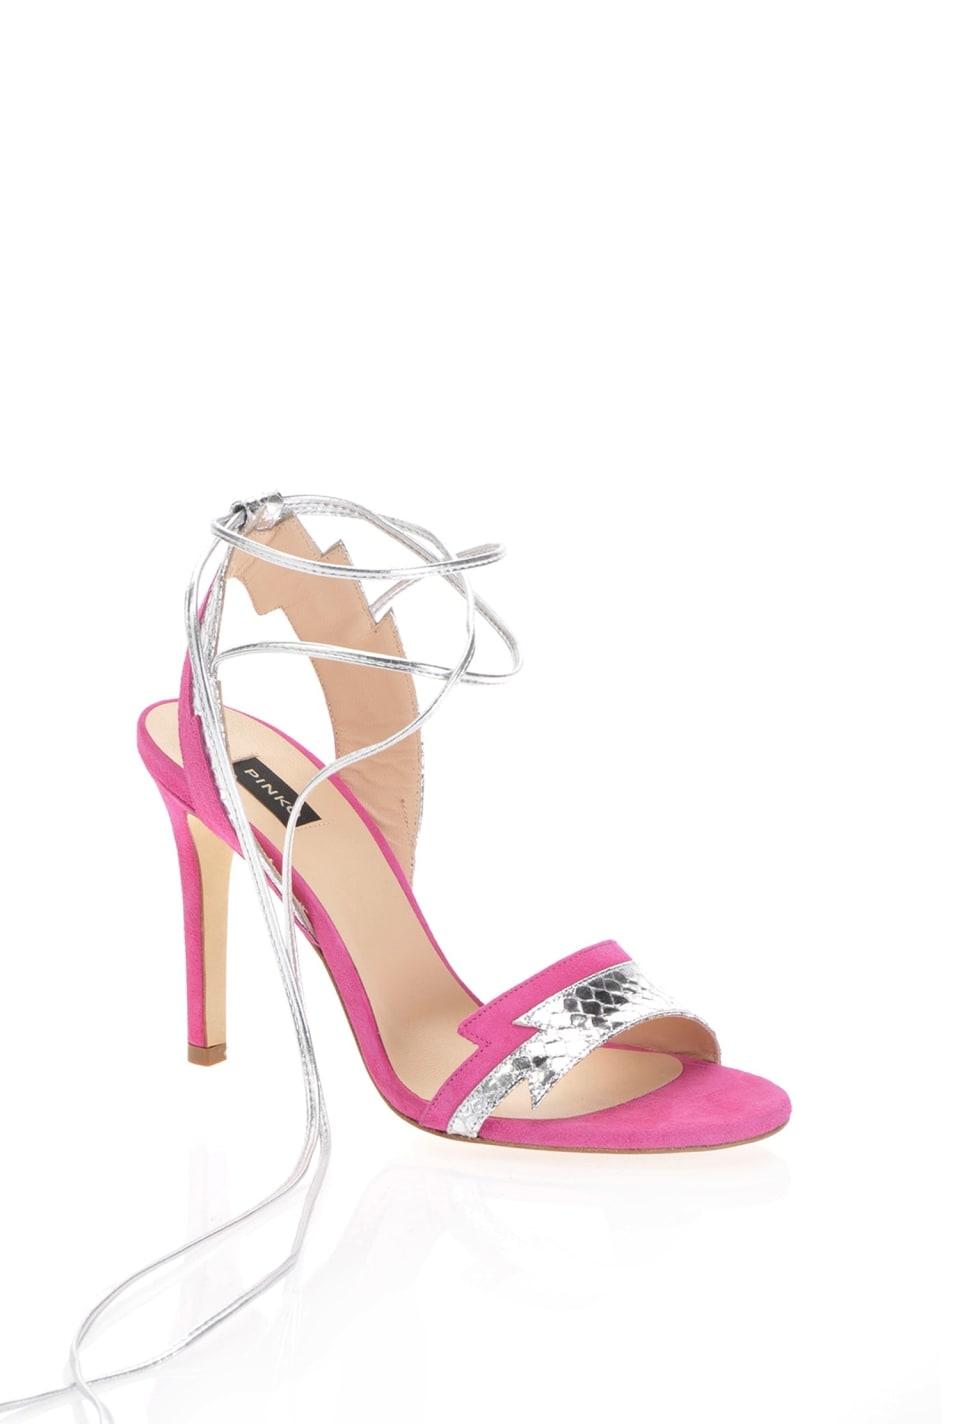 Sandalias con lazos en el tobillo - Pinko